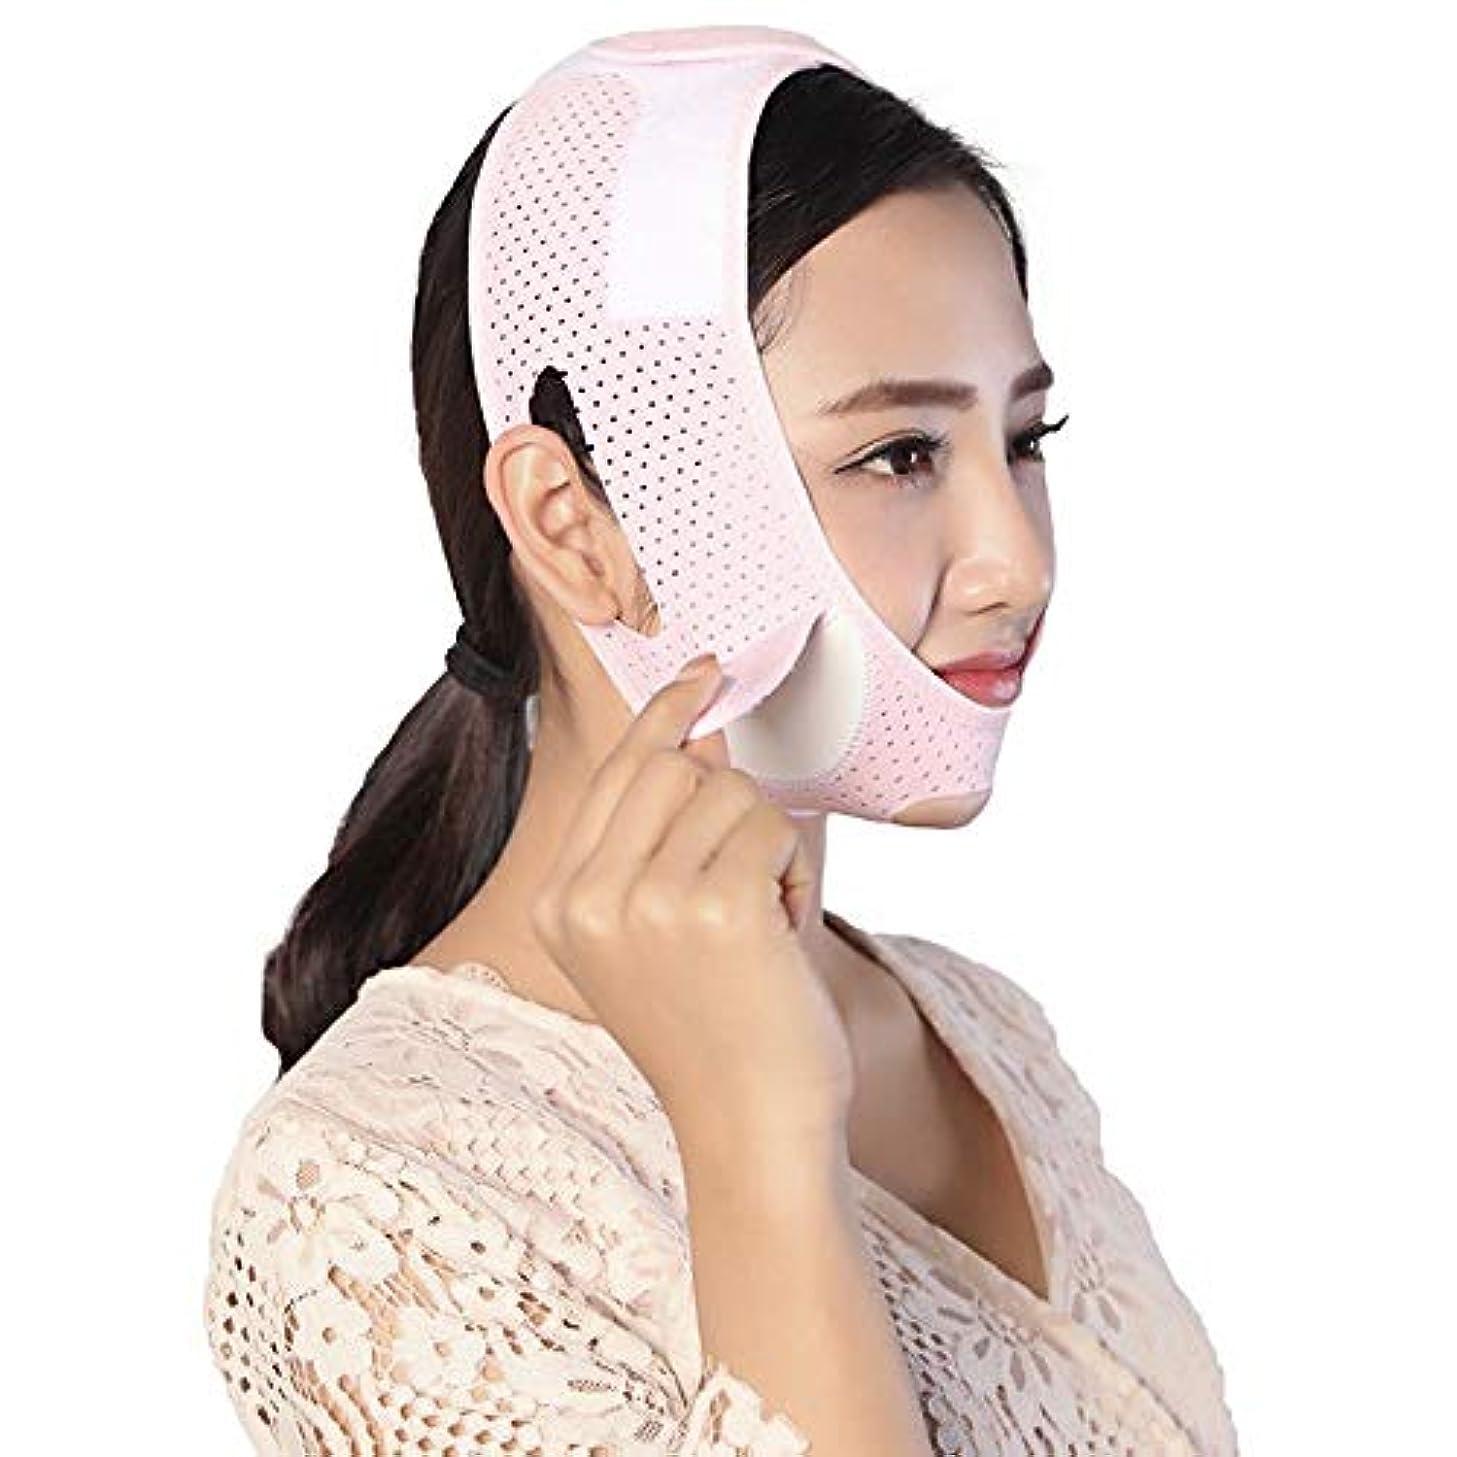 優しさ合併広がりGYZ フェイシャルリフティング痩身ベルト - 圧縮二重あご減量ベルトスキンケア薄い顔包帯 Thin Face Belt